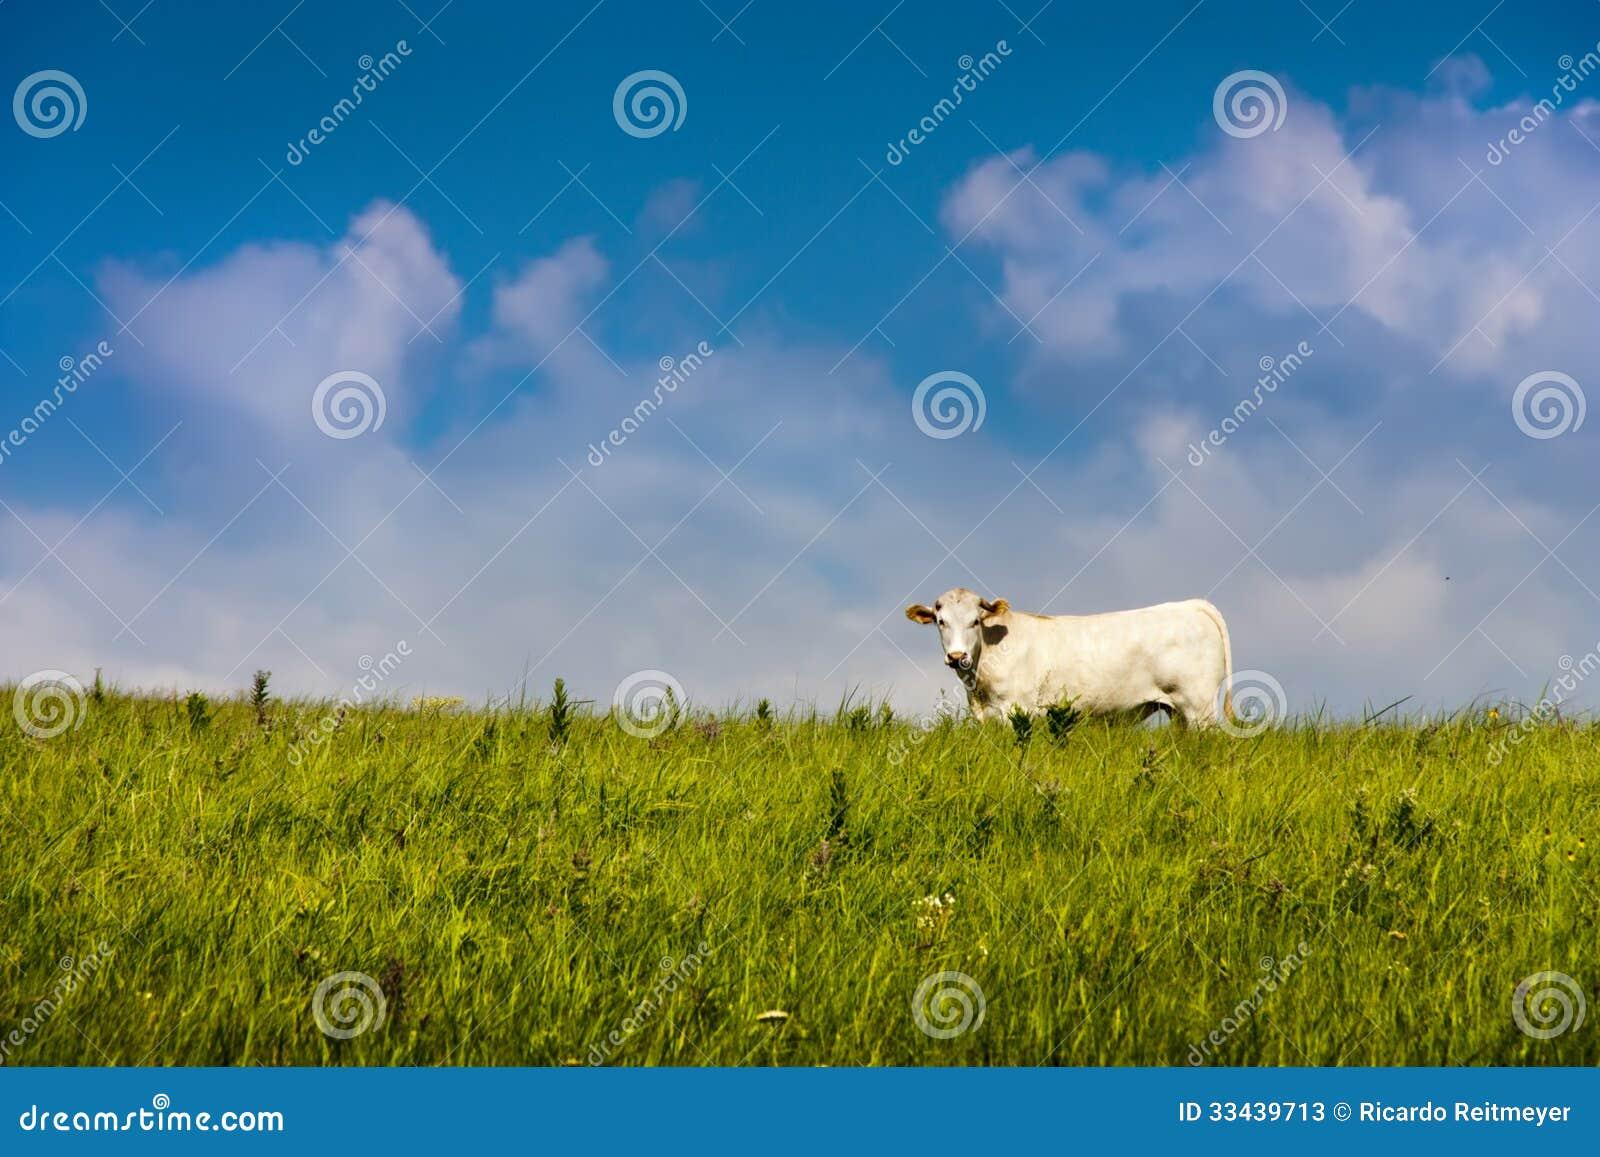 grass fed beef business plan